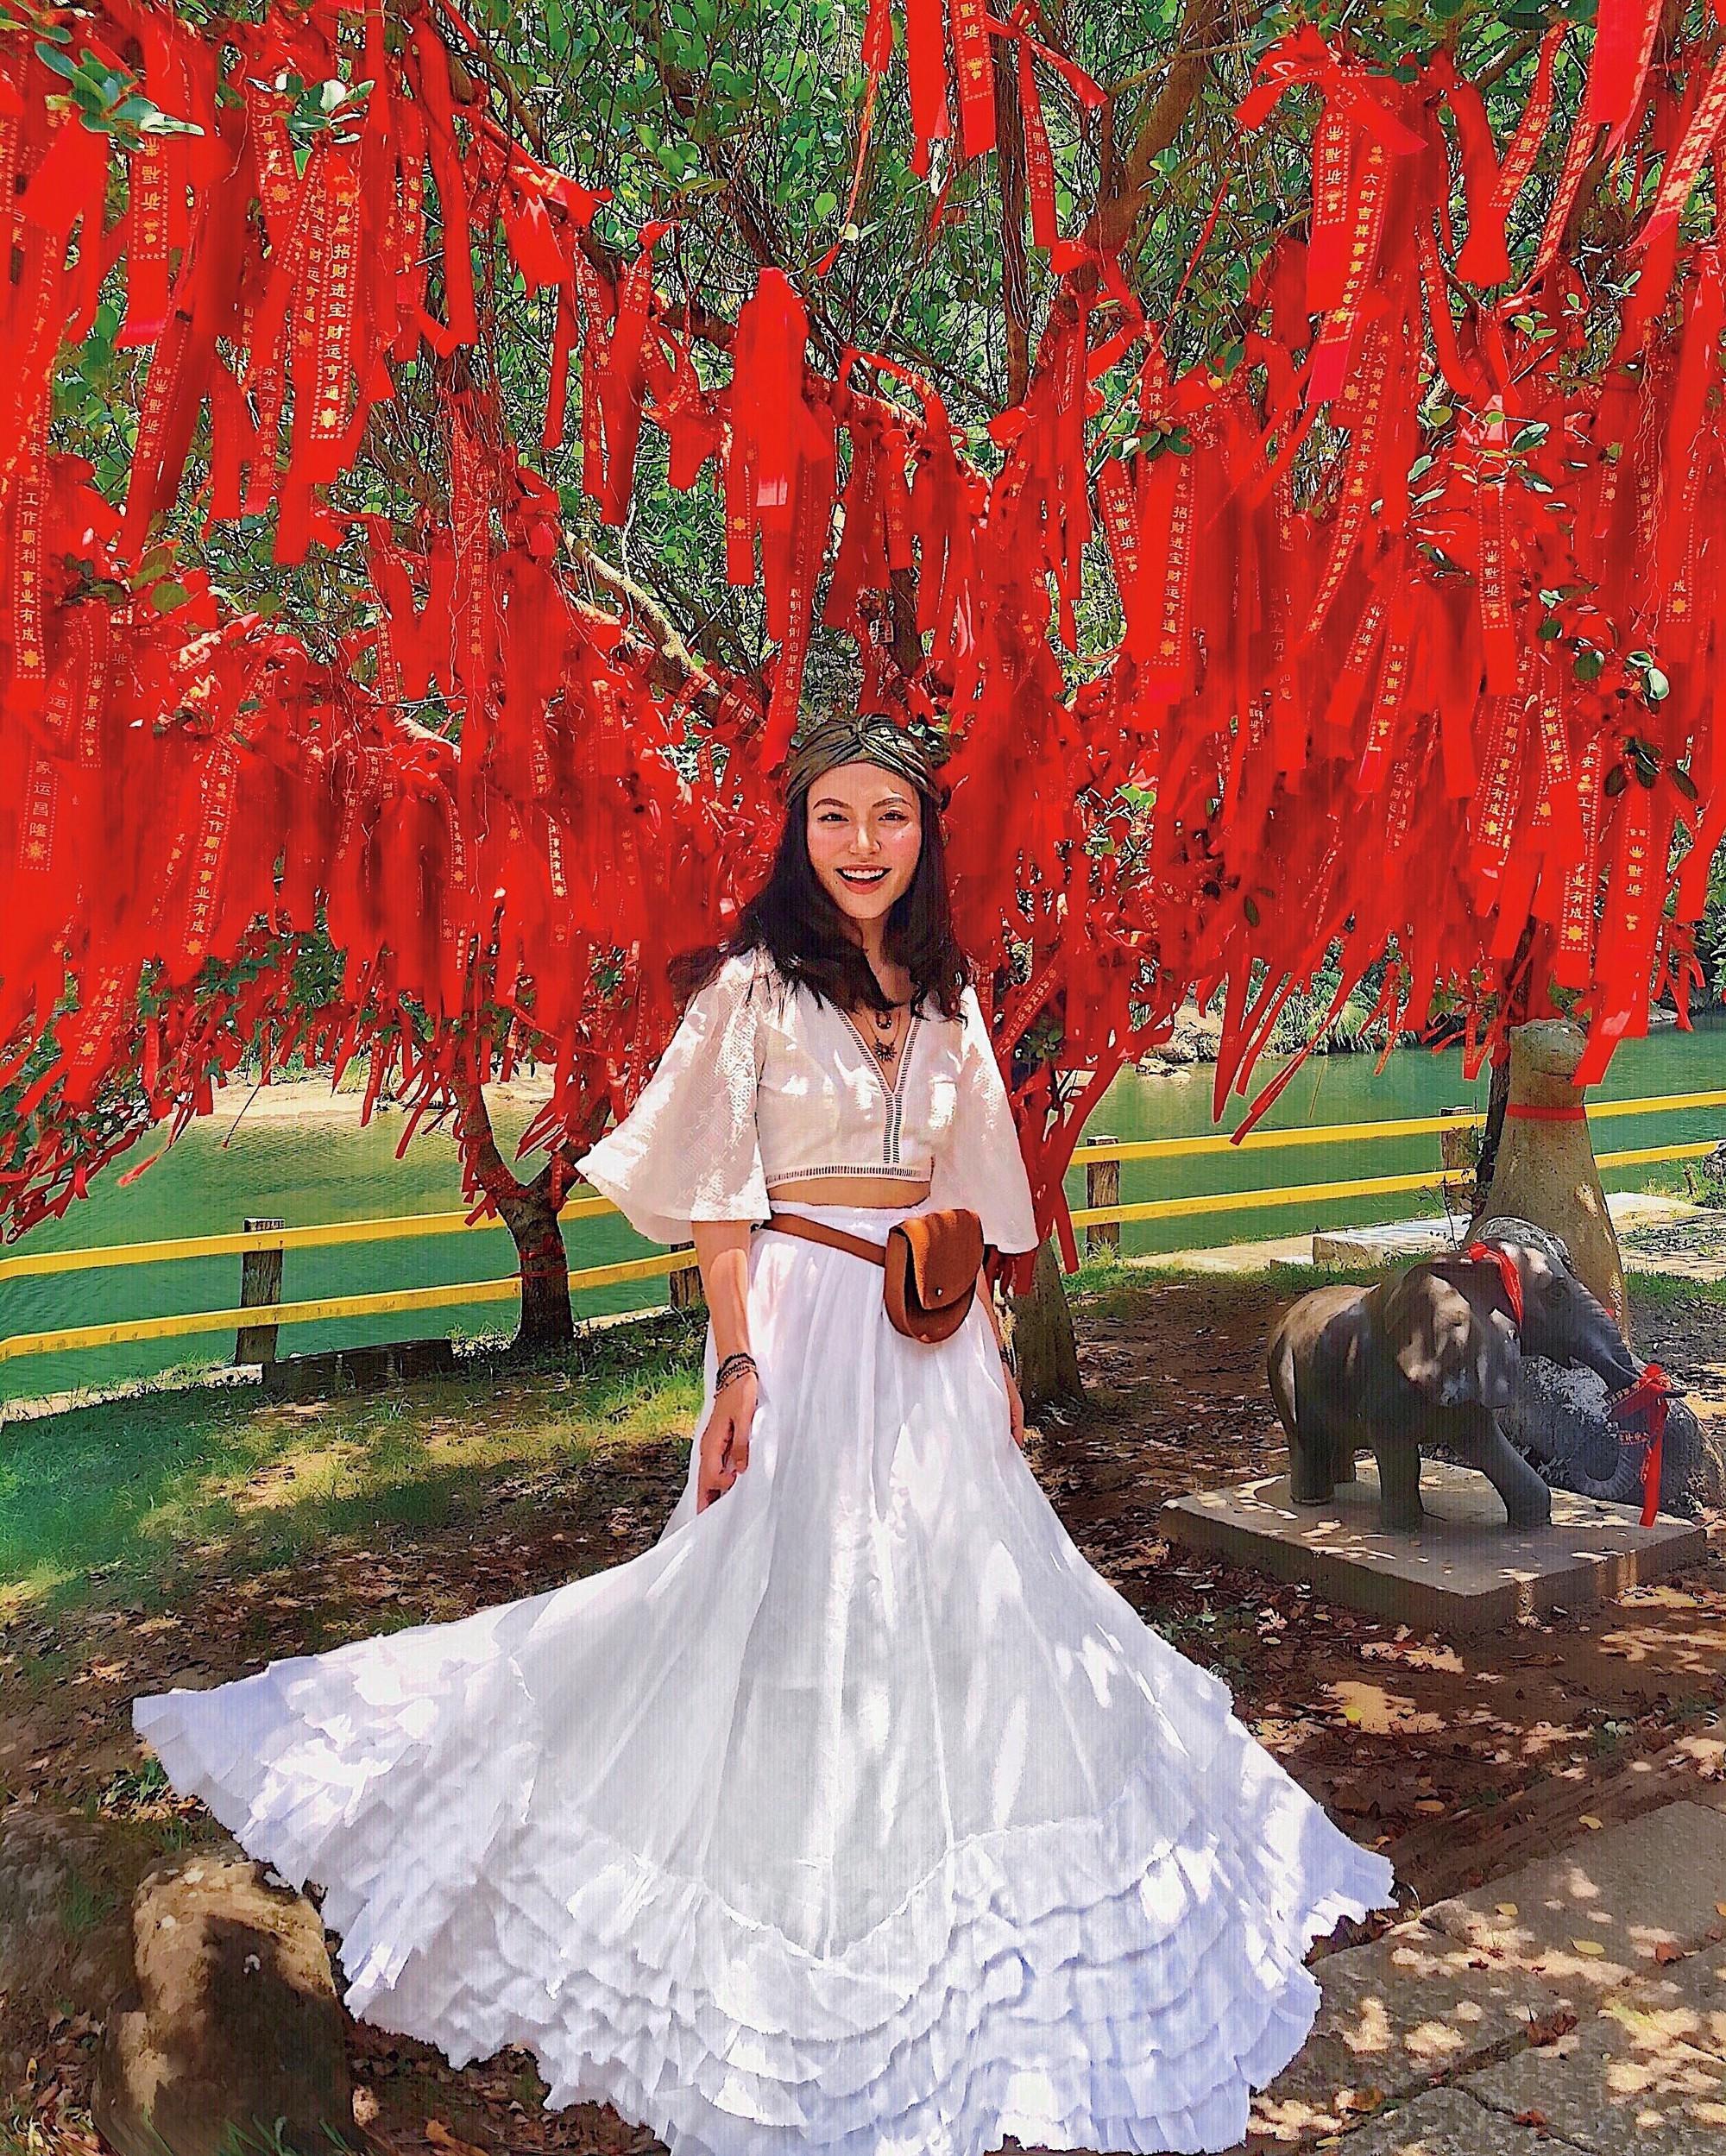 """Chuyến đi 5 ngày 4 đêm của hotgirl Hà Trúc khiến ai cũng bất ngờ: """"Hoá ra Đài Loan còn nhiều nơi mới lạ như vậy!"""""""